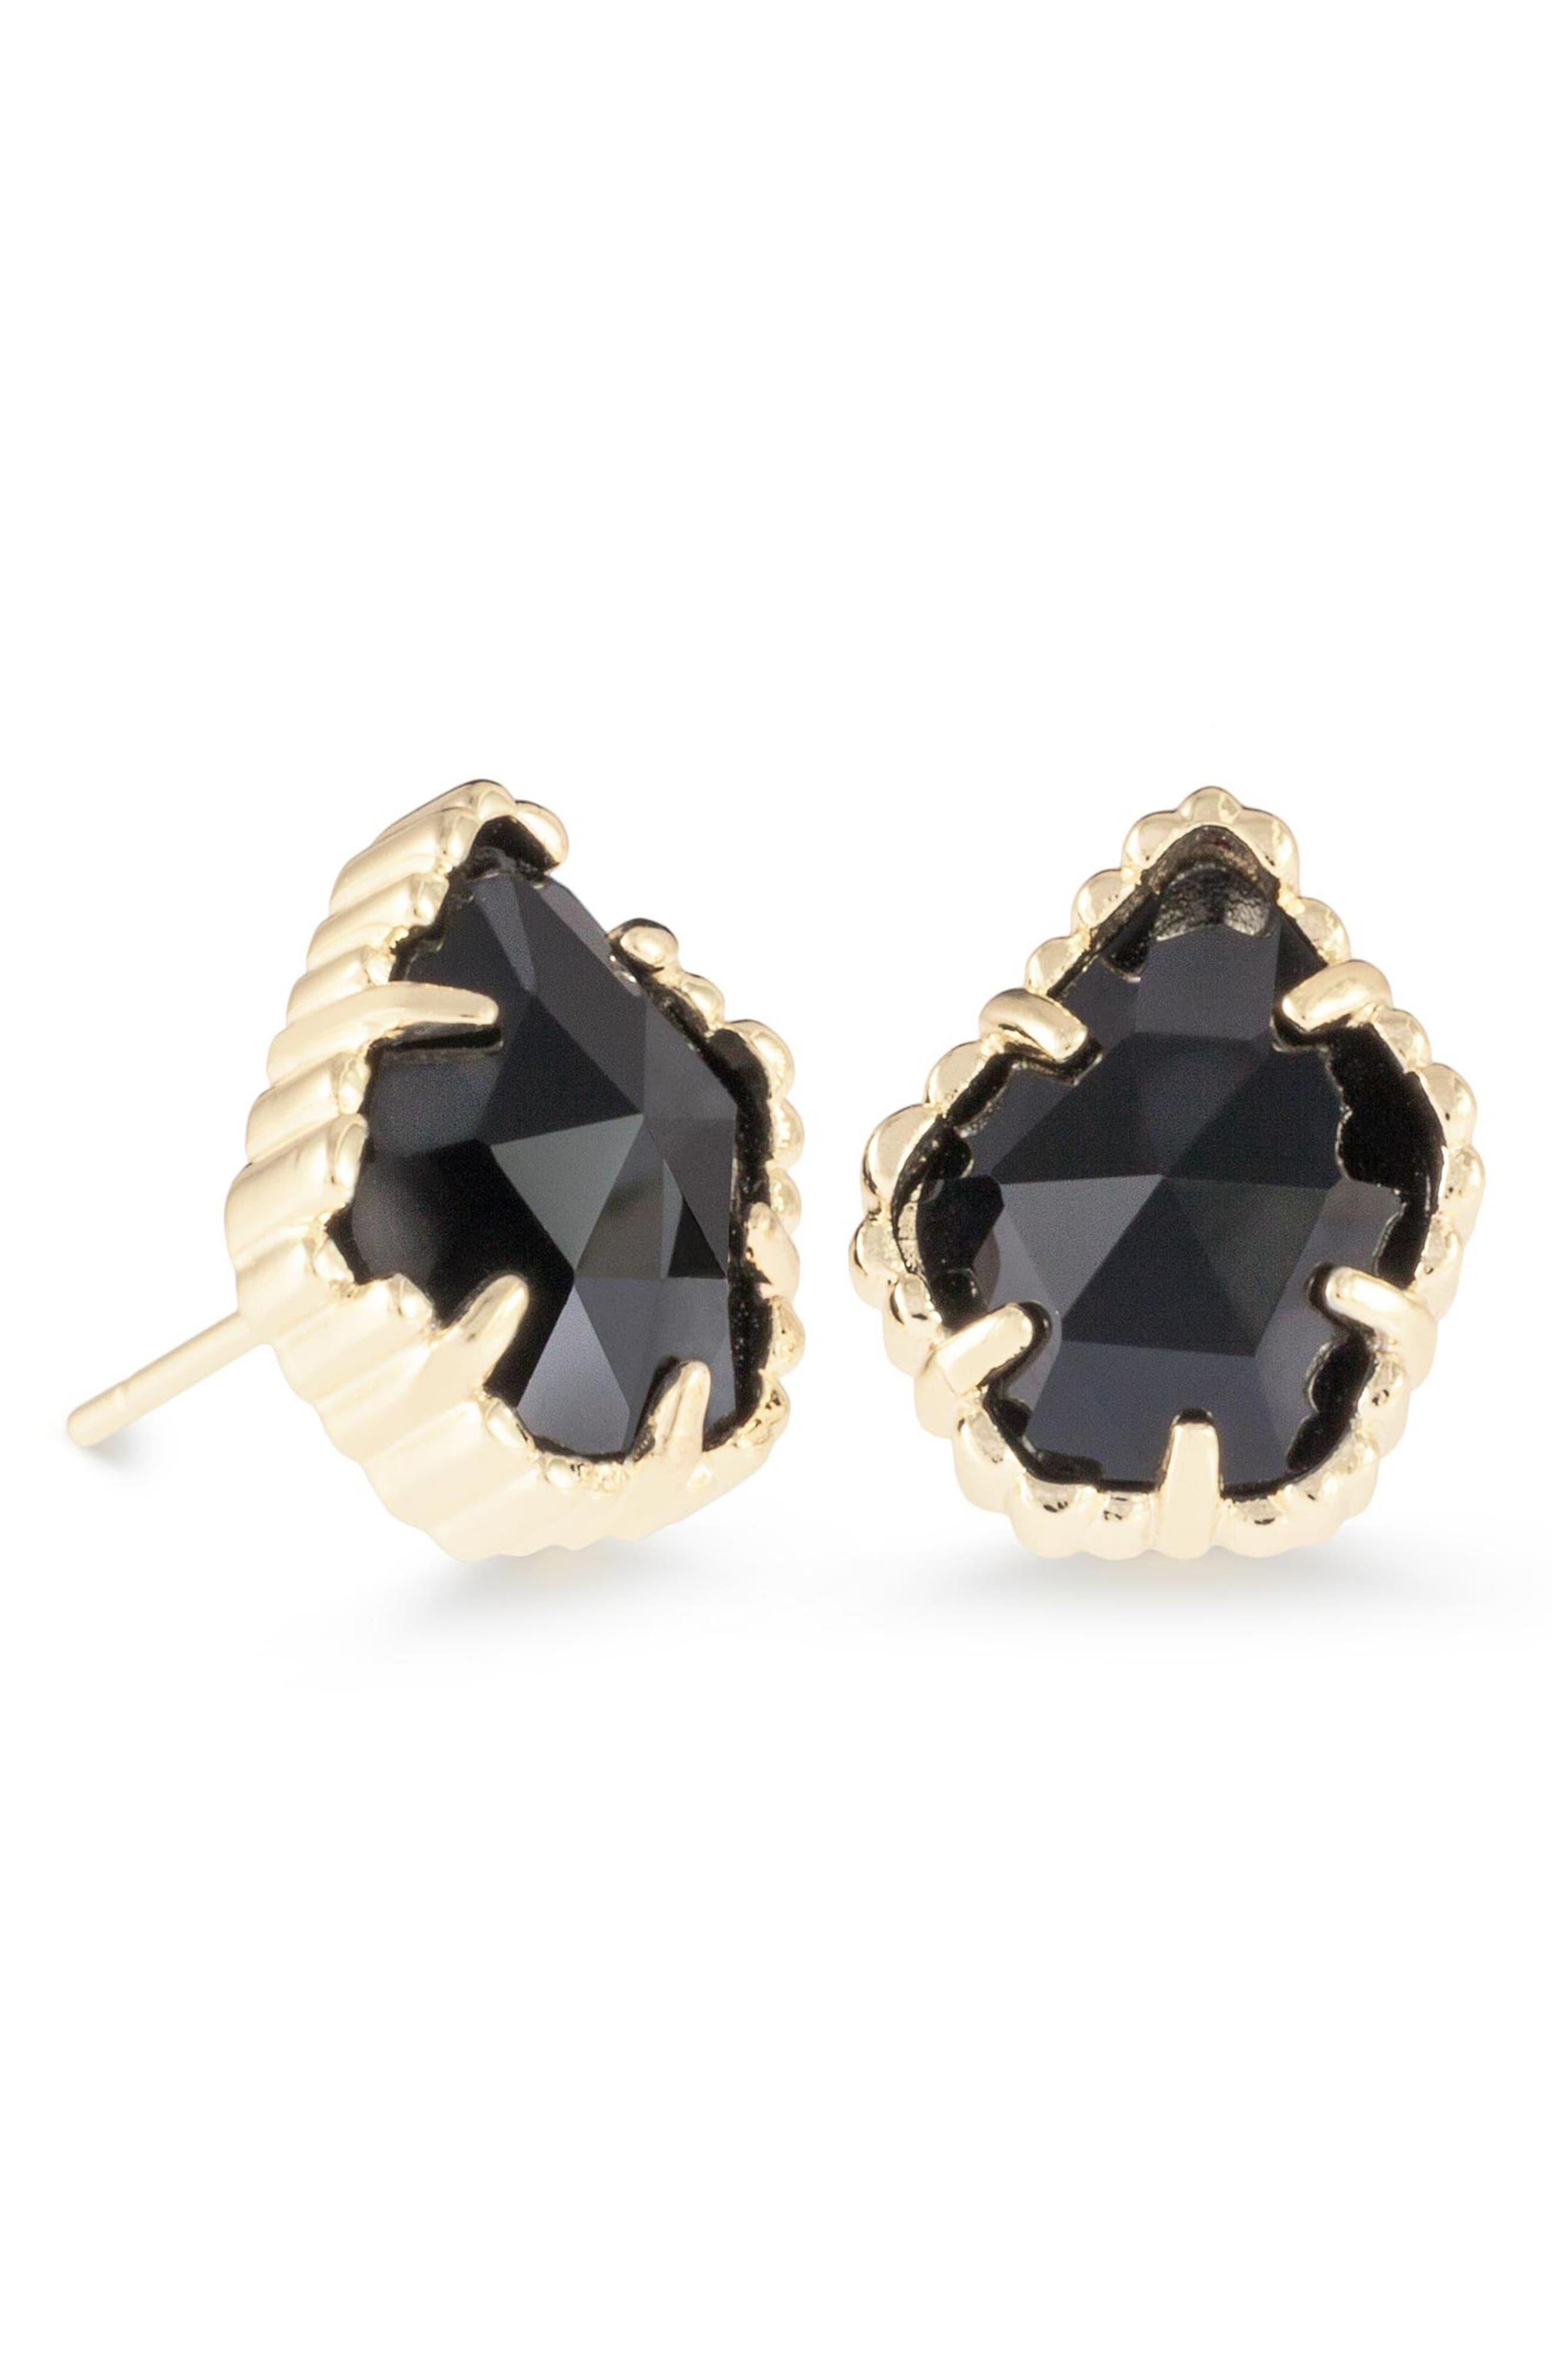 KENDRA SCOTT, Tessa Stone Stud Earrings, Main thumbnail 1, color, BLACK/ GOLD